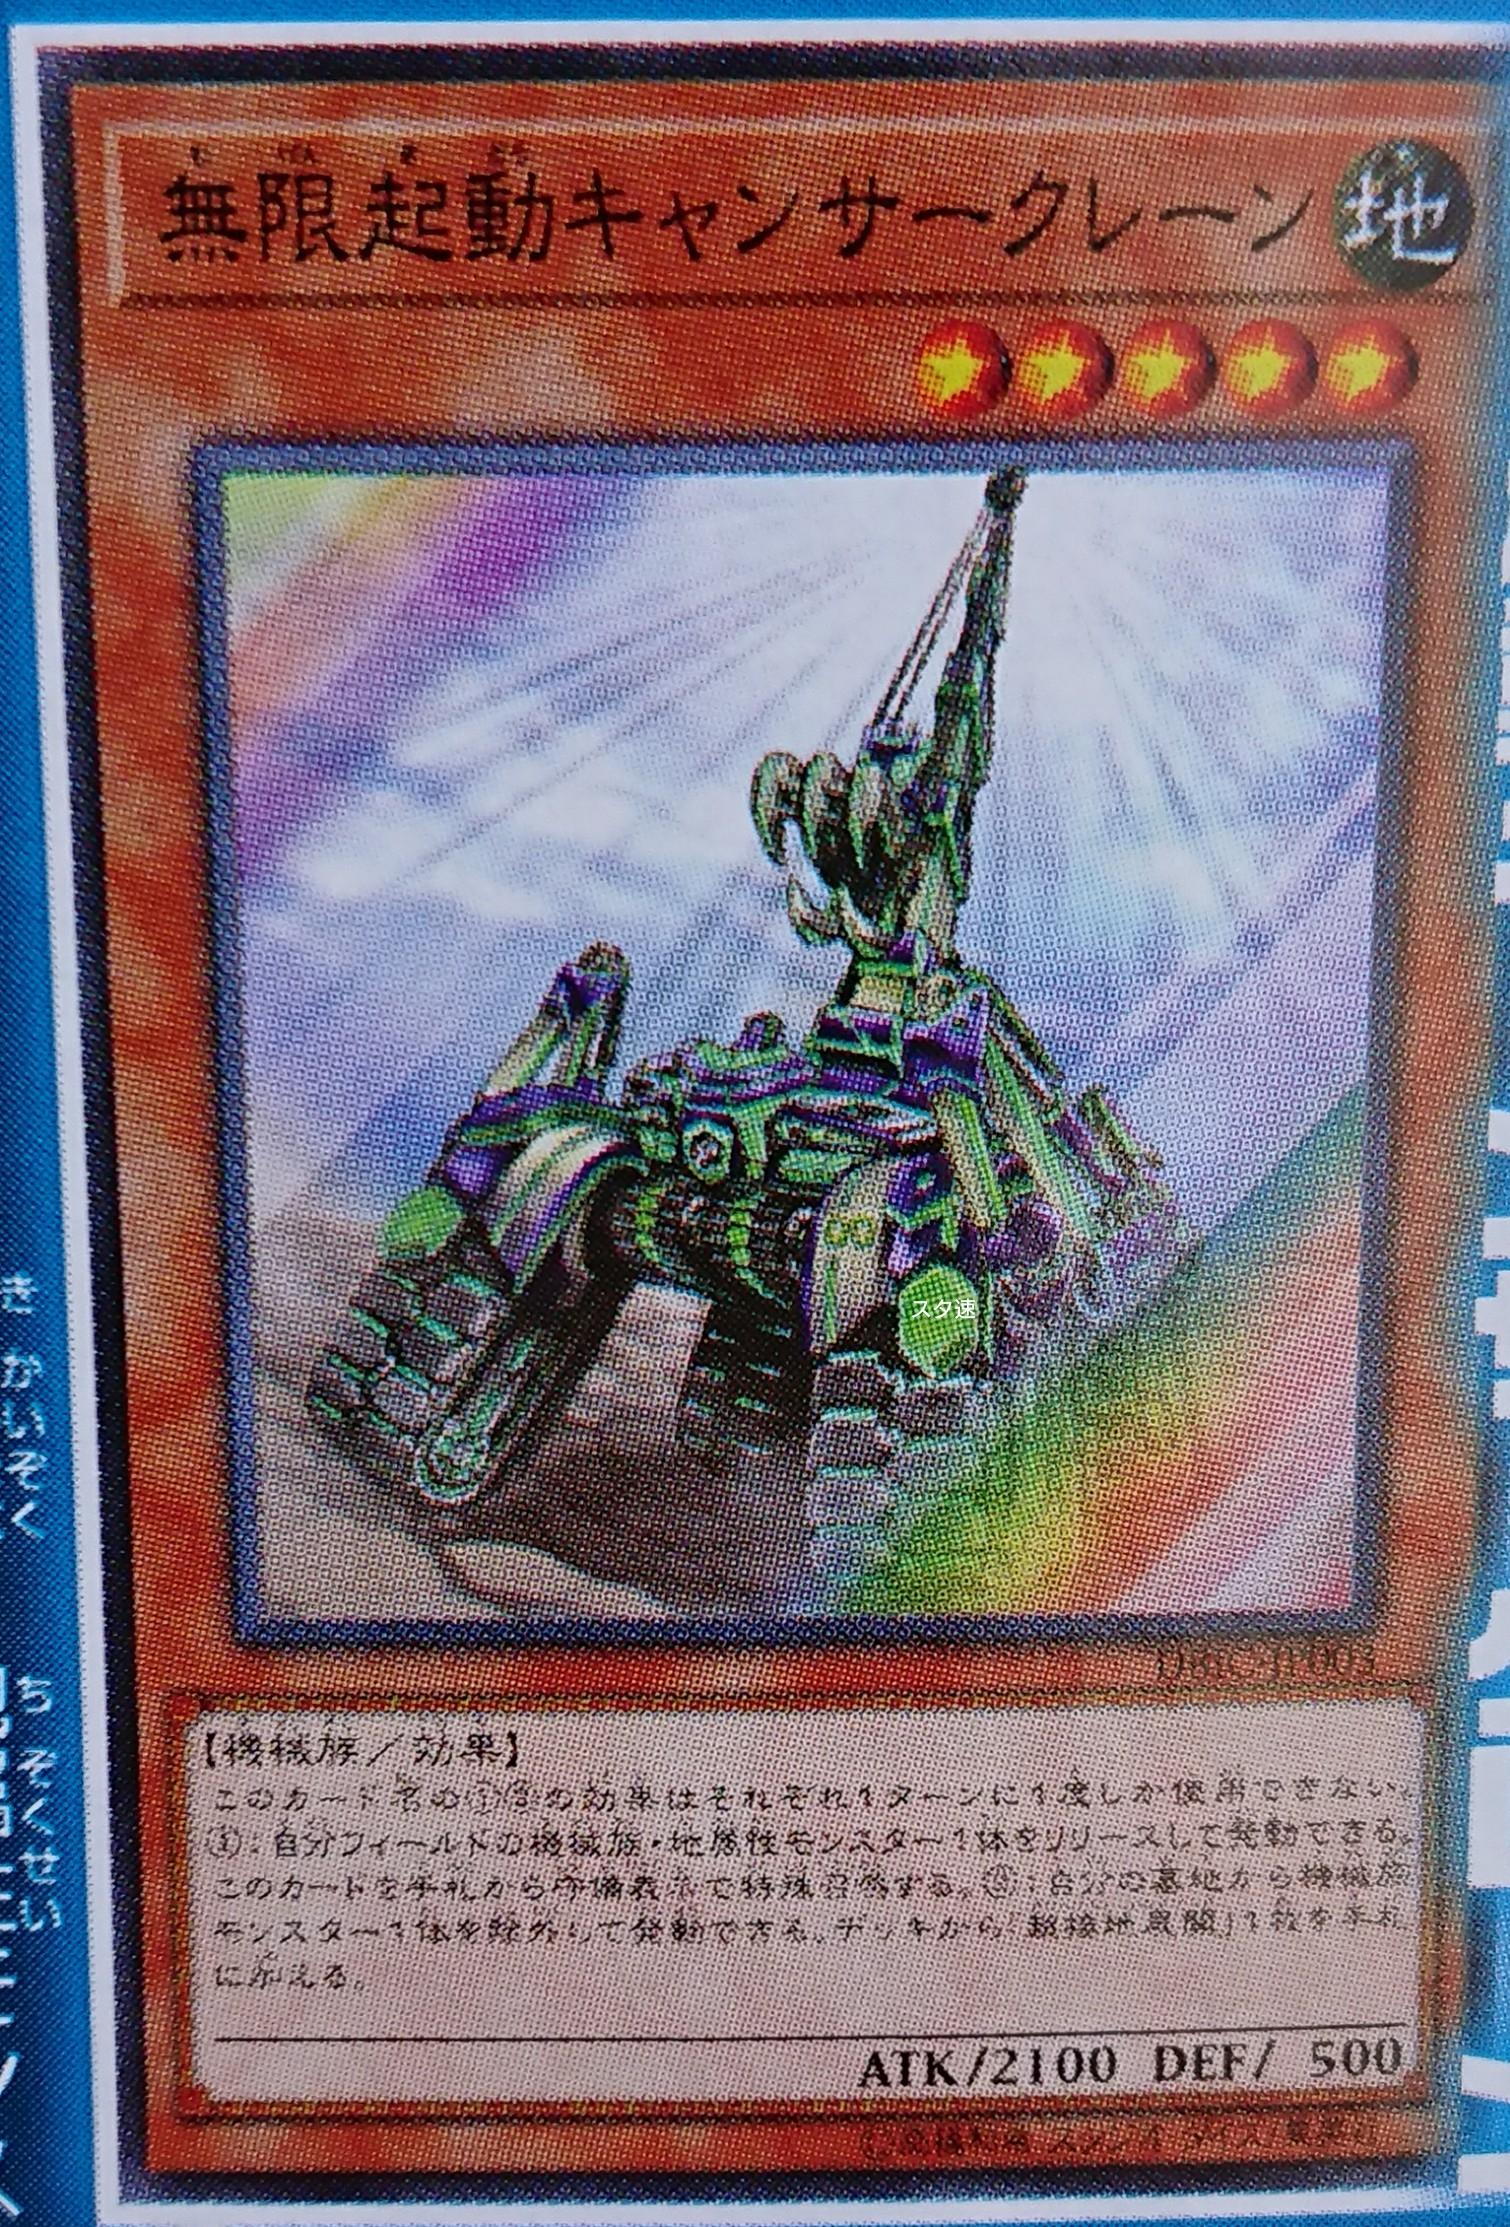 Νέες Κυκλοφορίες στο Yu-Gi-Oh! OCG - Σελίδα 39 2375b391